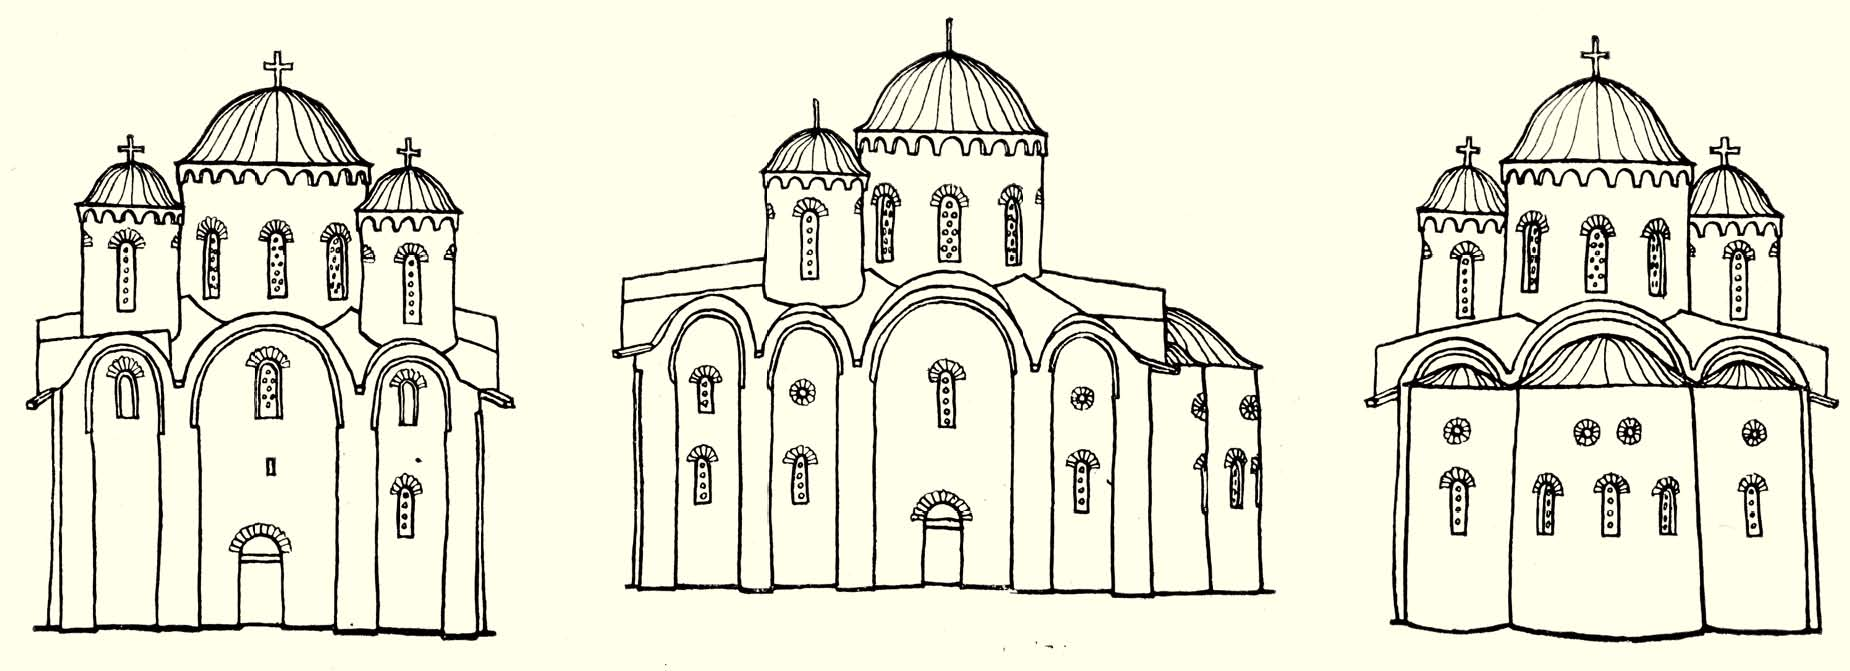 Первоначальный облик храма. Реконструкция С.П. Михайлова